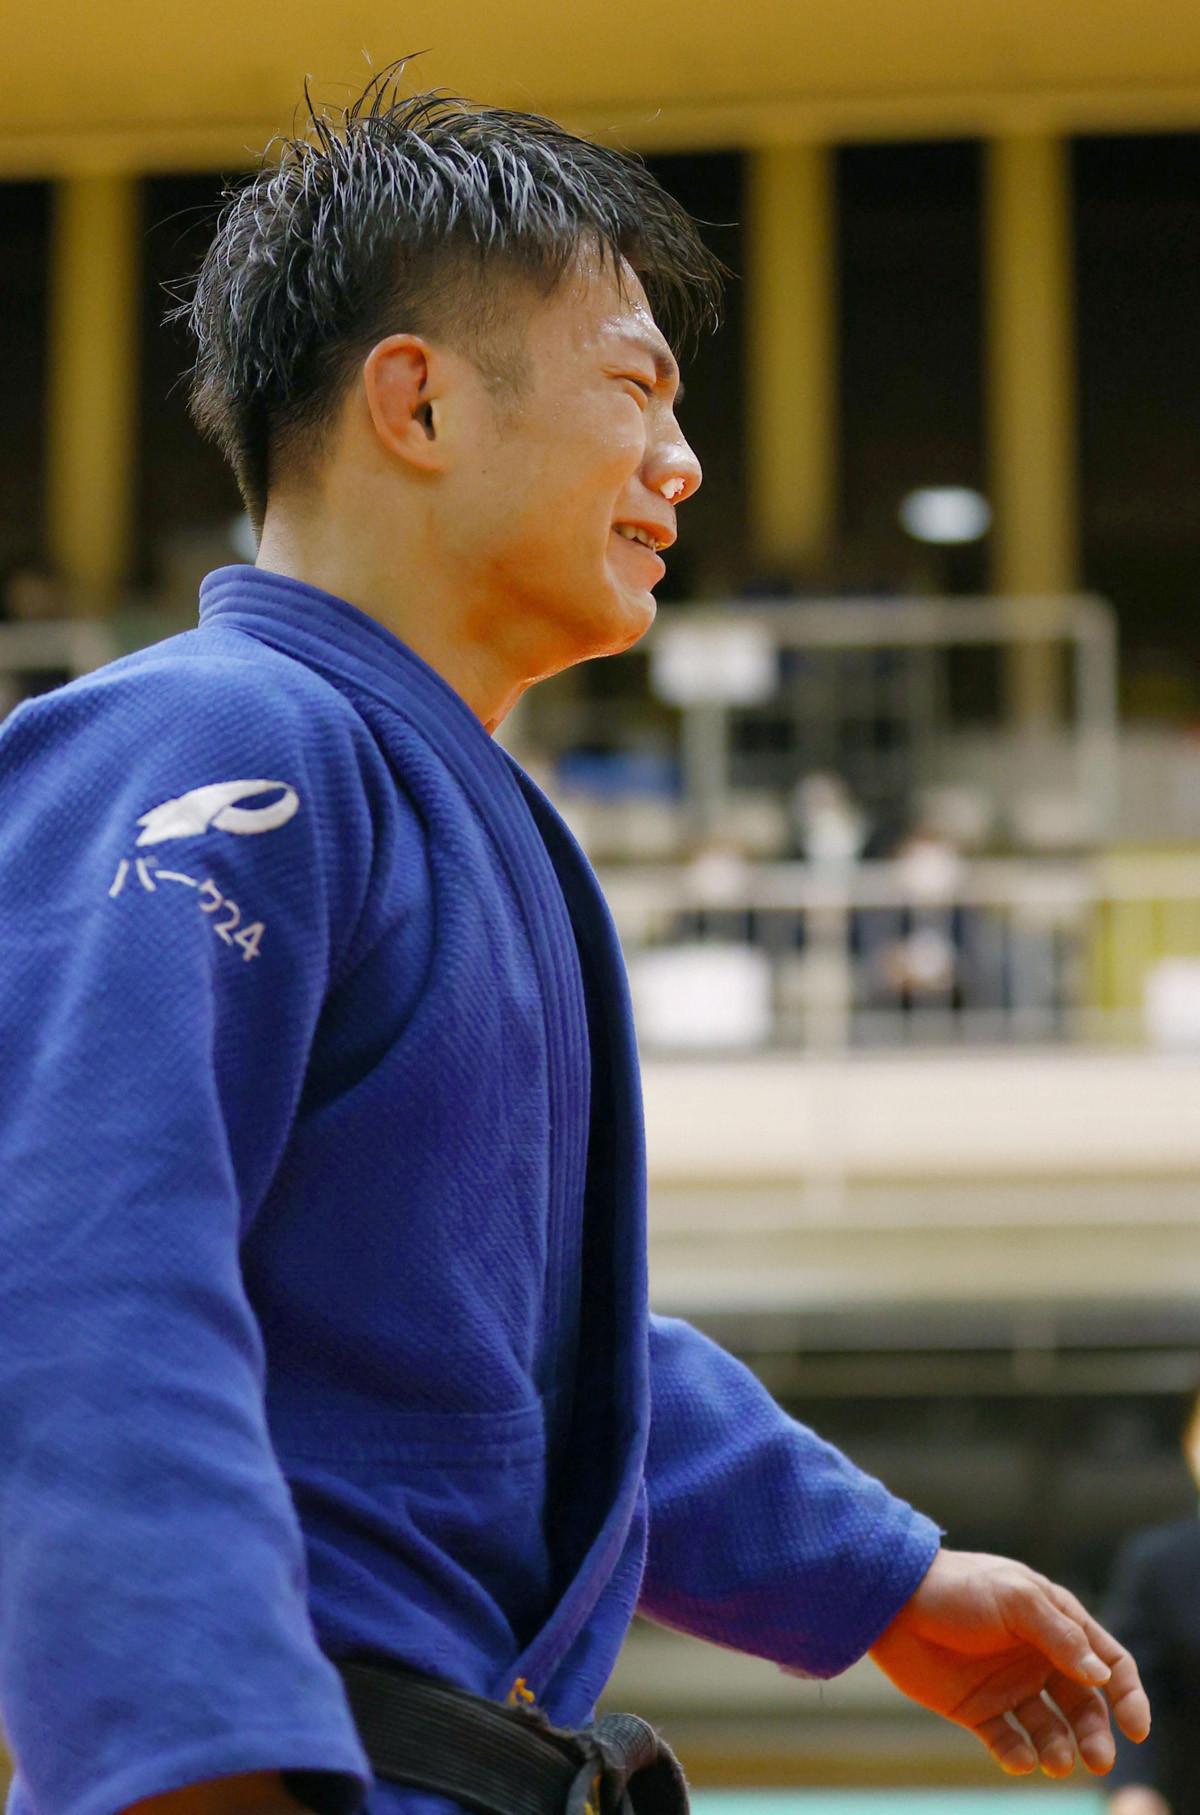 丸山を破り、東京五輪代表に内定した阿部。試合後、涙を流して勝利を喜んだ(代表撮影)